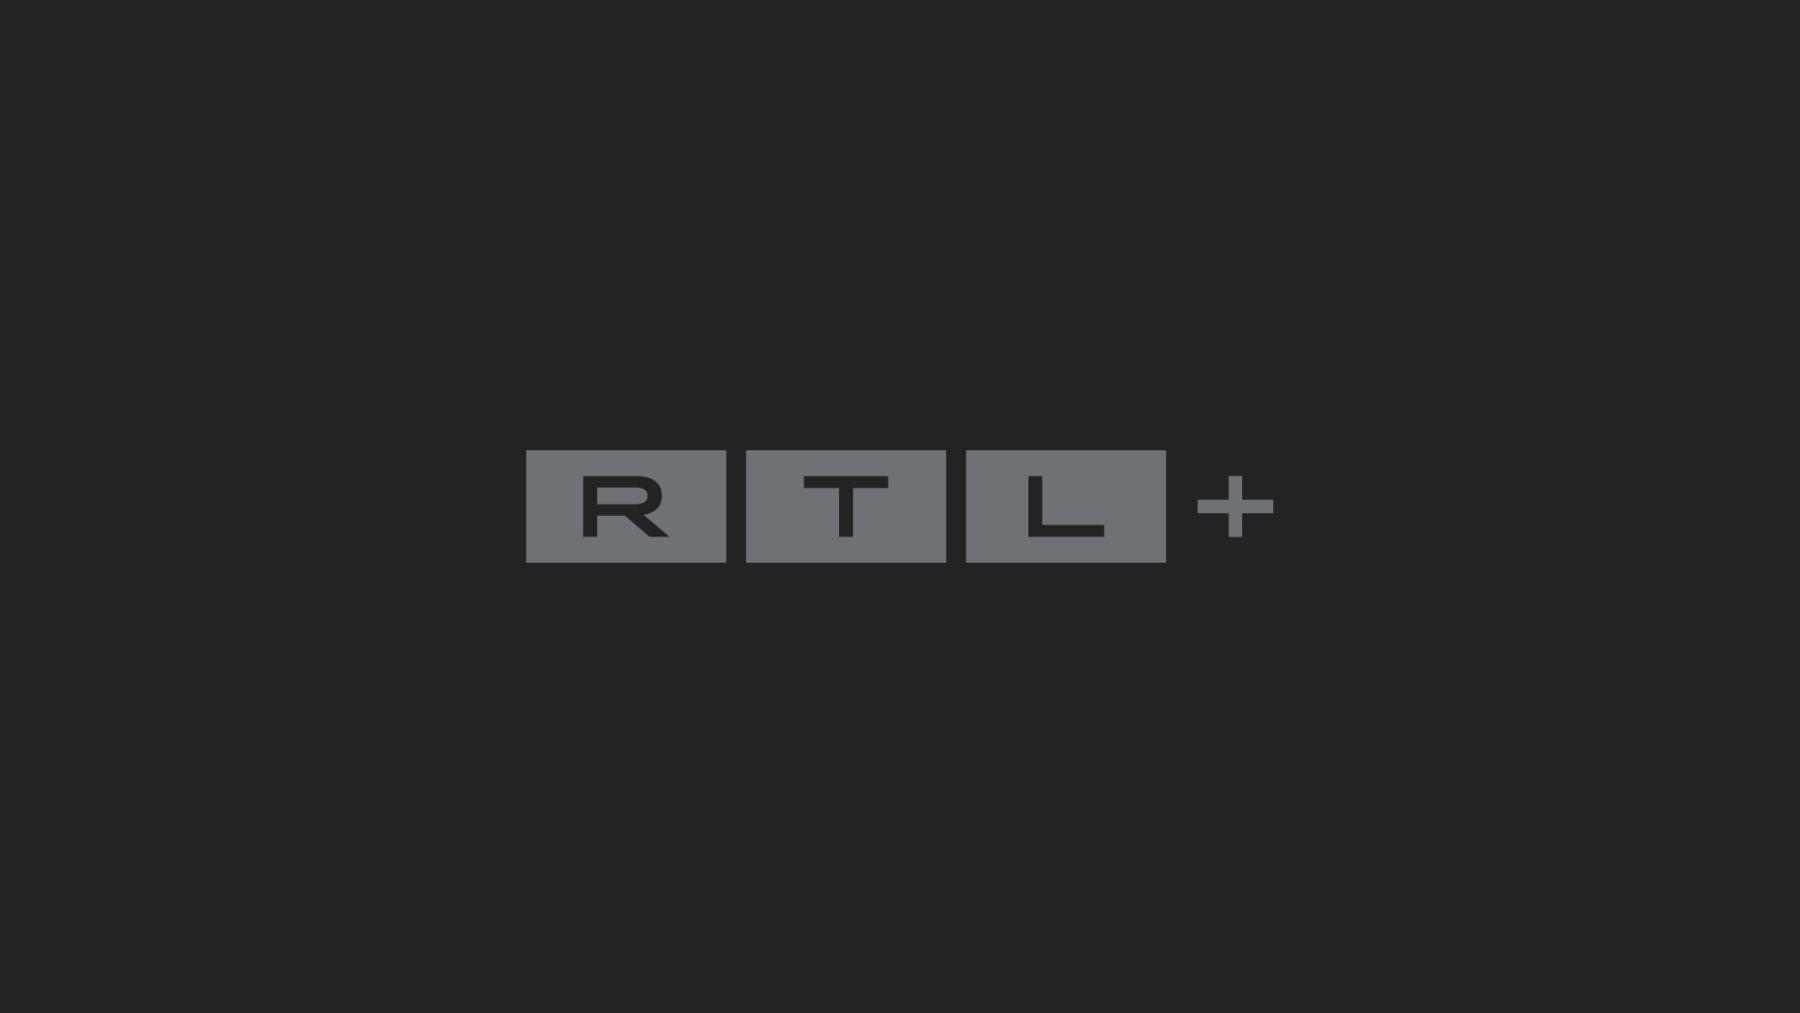 Thema u.a.: Deutsche Bahn und GDL einigen sich